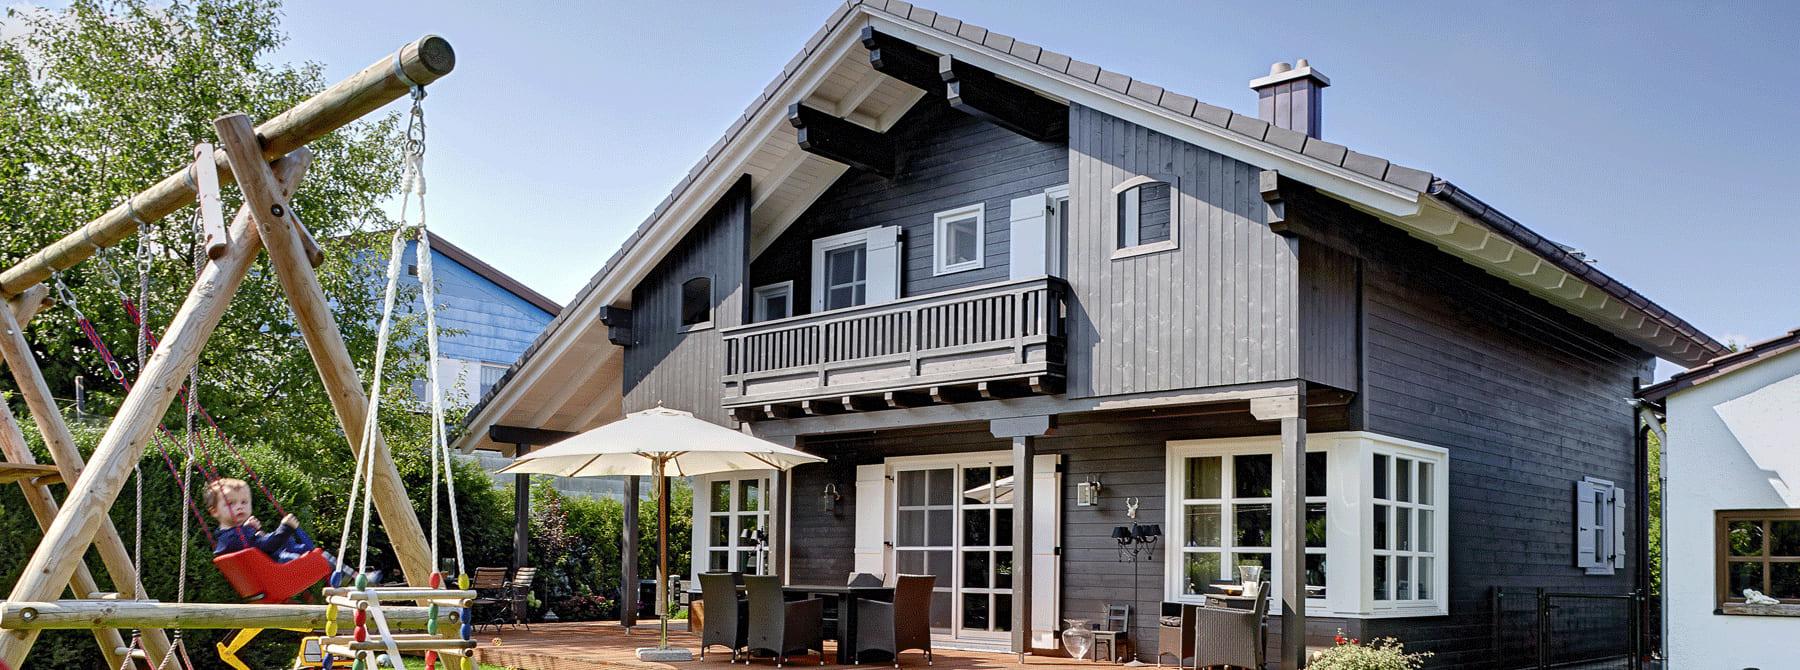 landhaus bauen sie ihr holzhaus passivhaus. Black Bedroom Furniture Sets. Home Design Ideas